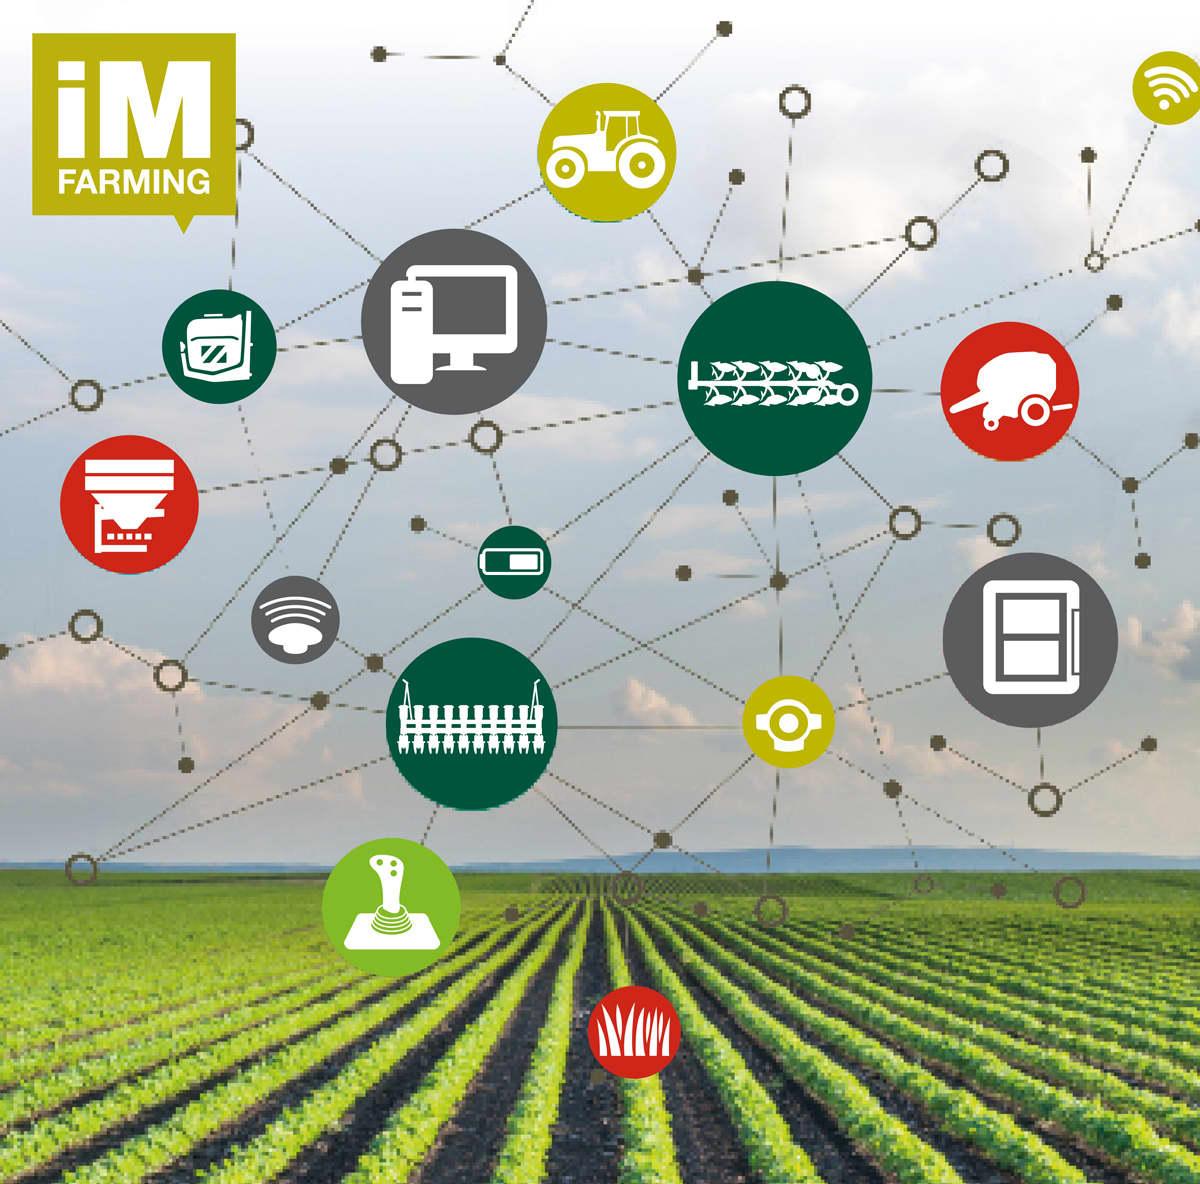 Accordo Confagricoltura Amazon per la digitalizzazione delle imprese agricole